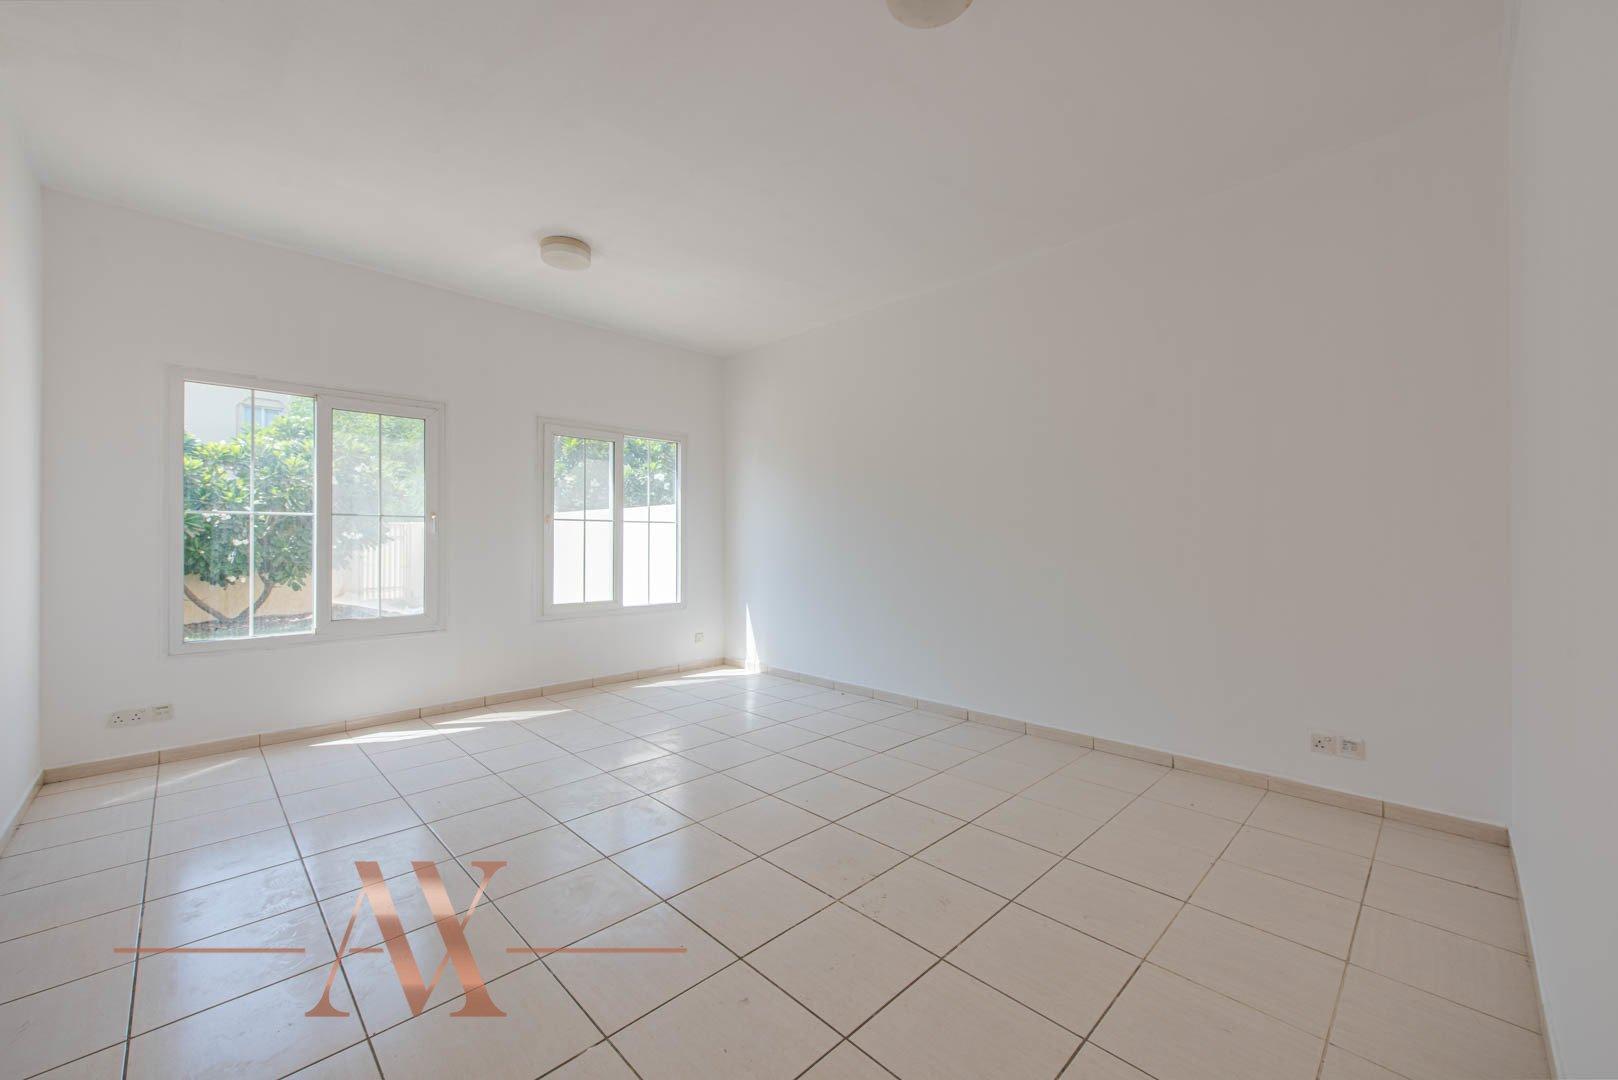 Villa for sale in Dubai, UAE, 3 bedrooms, 228.2 m2, No. 23770 – photo 1